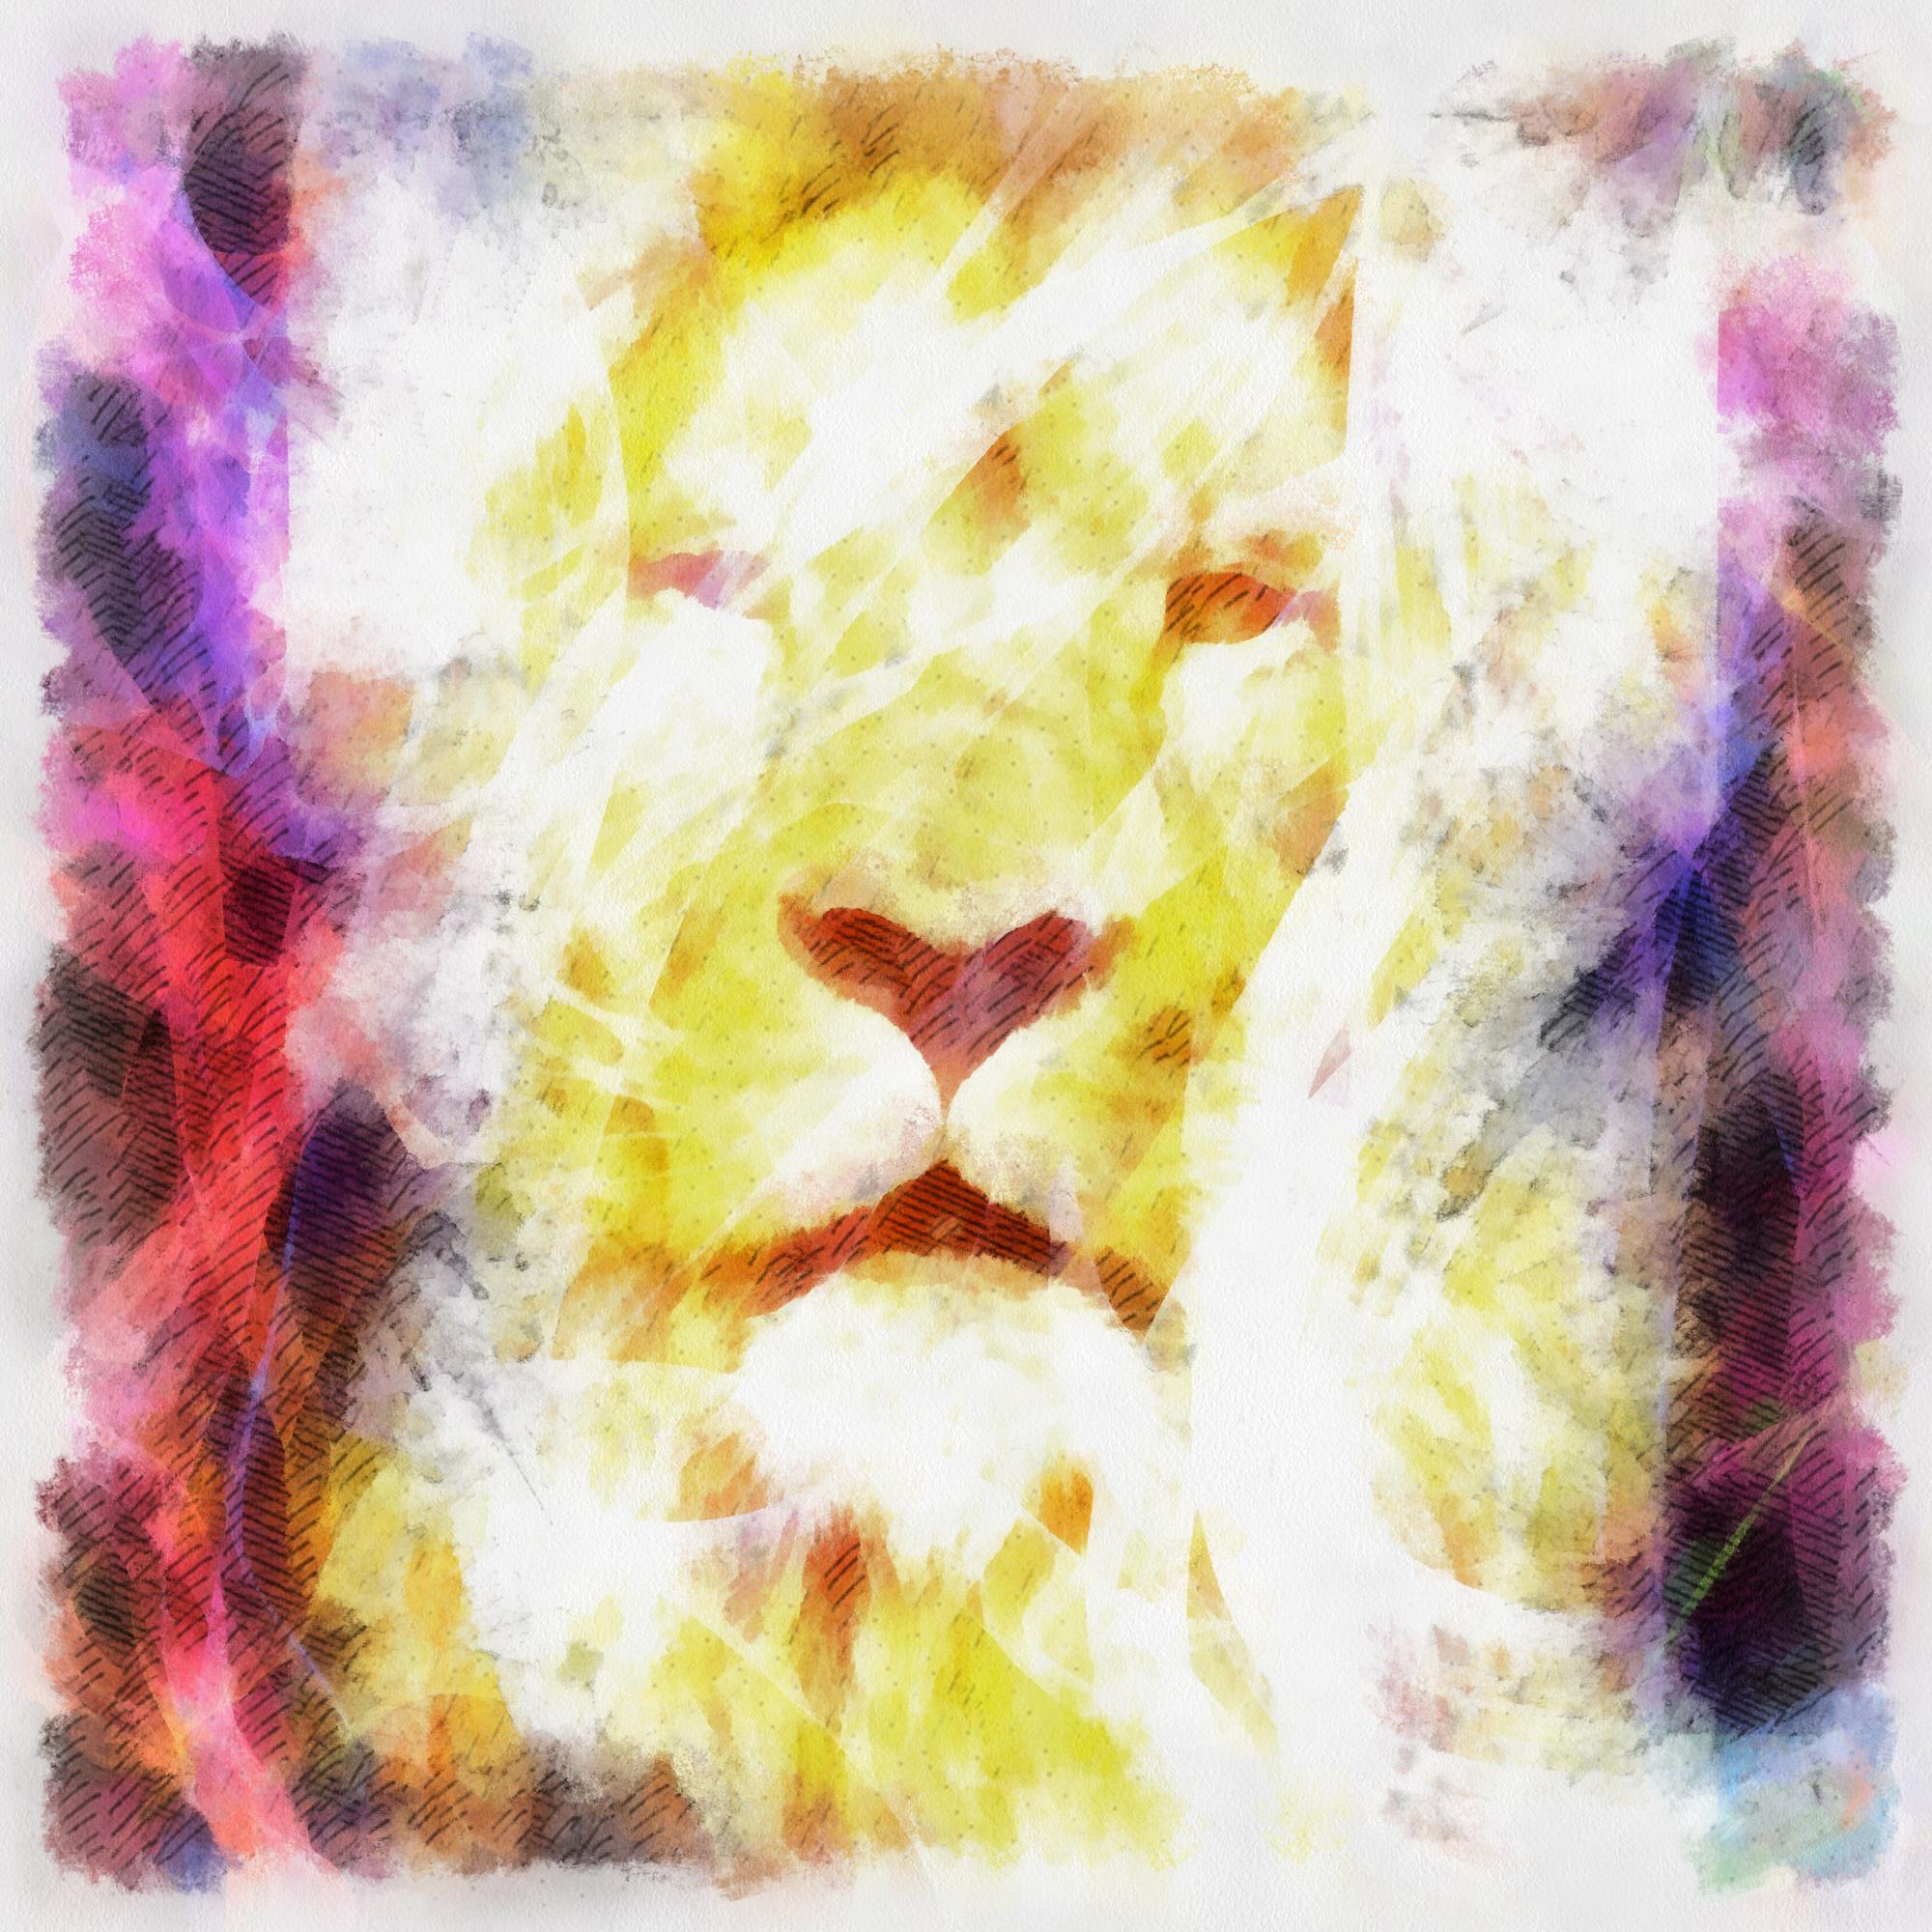 獅子座音樂人3